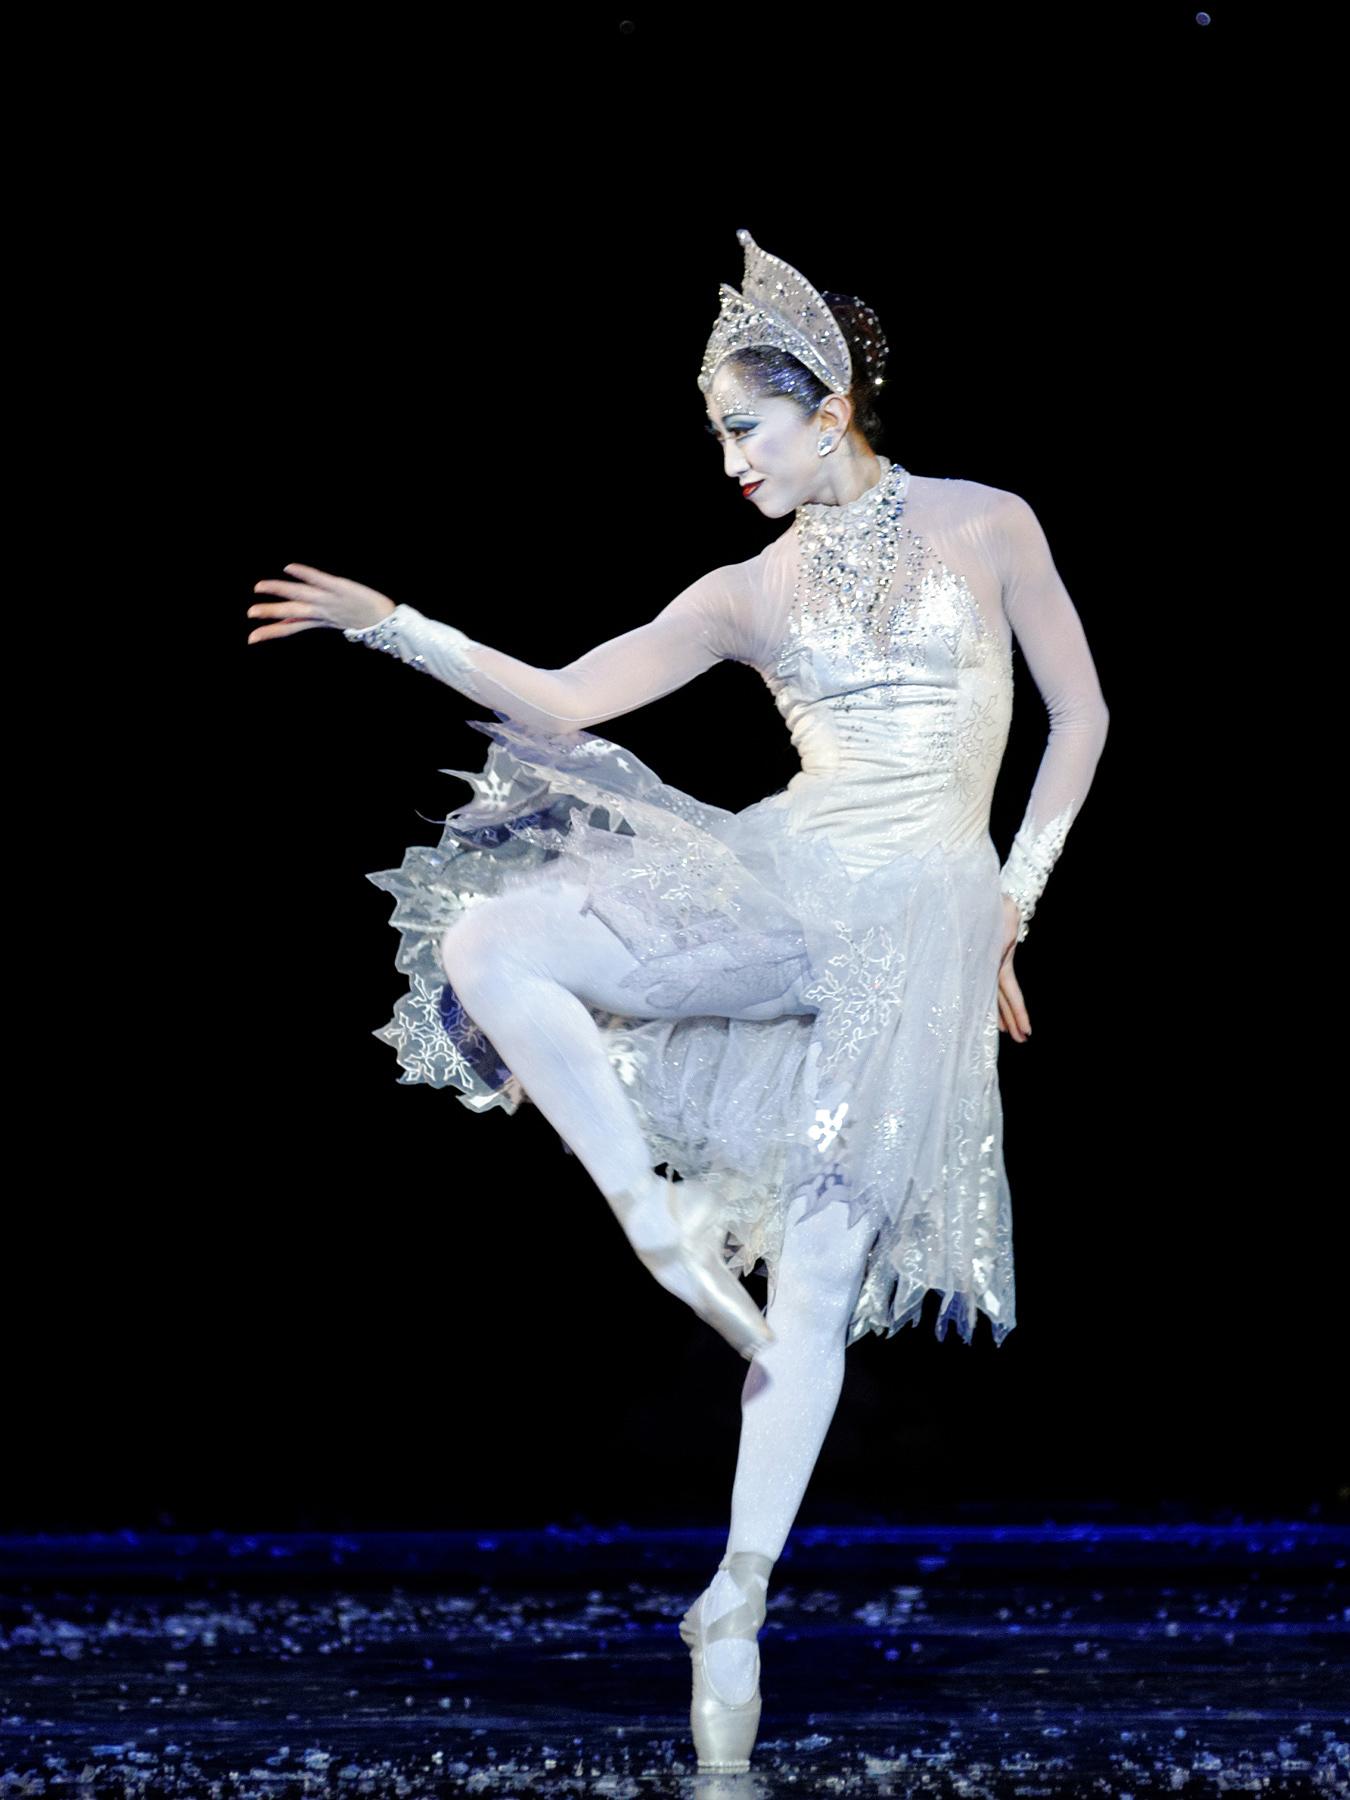 Snow Queen Sprites as The Snow Queen